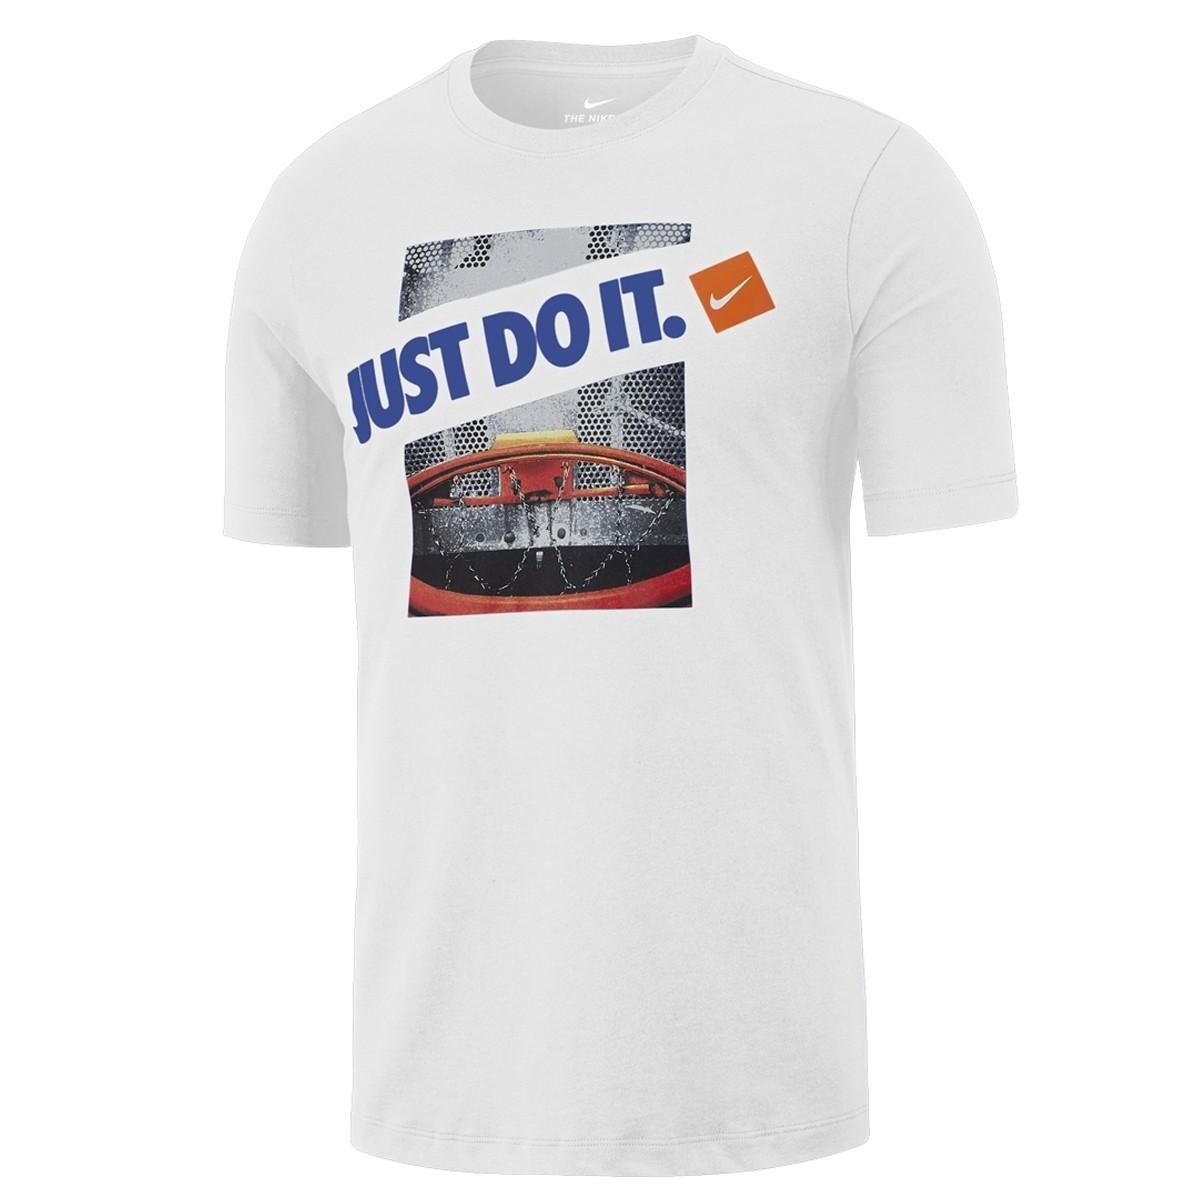 Camiseta Nike Dry Just Do It 'White'